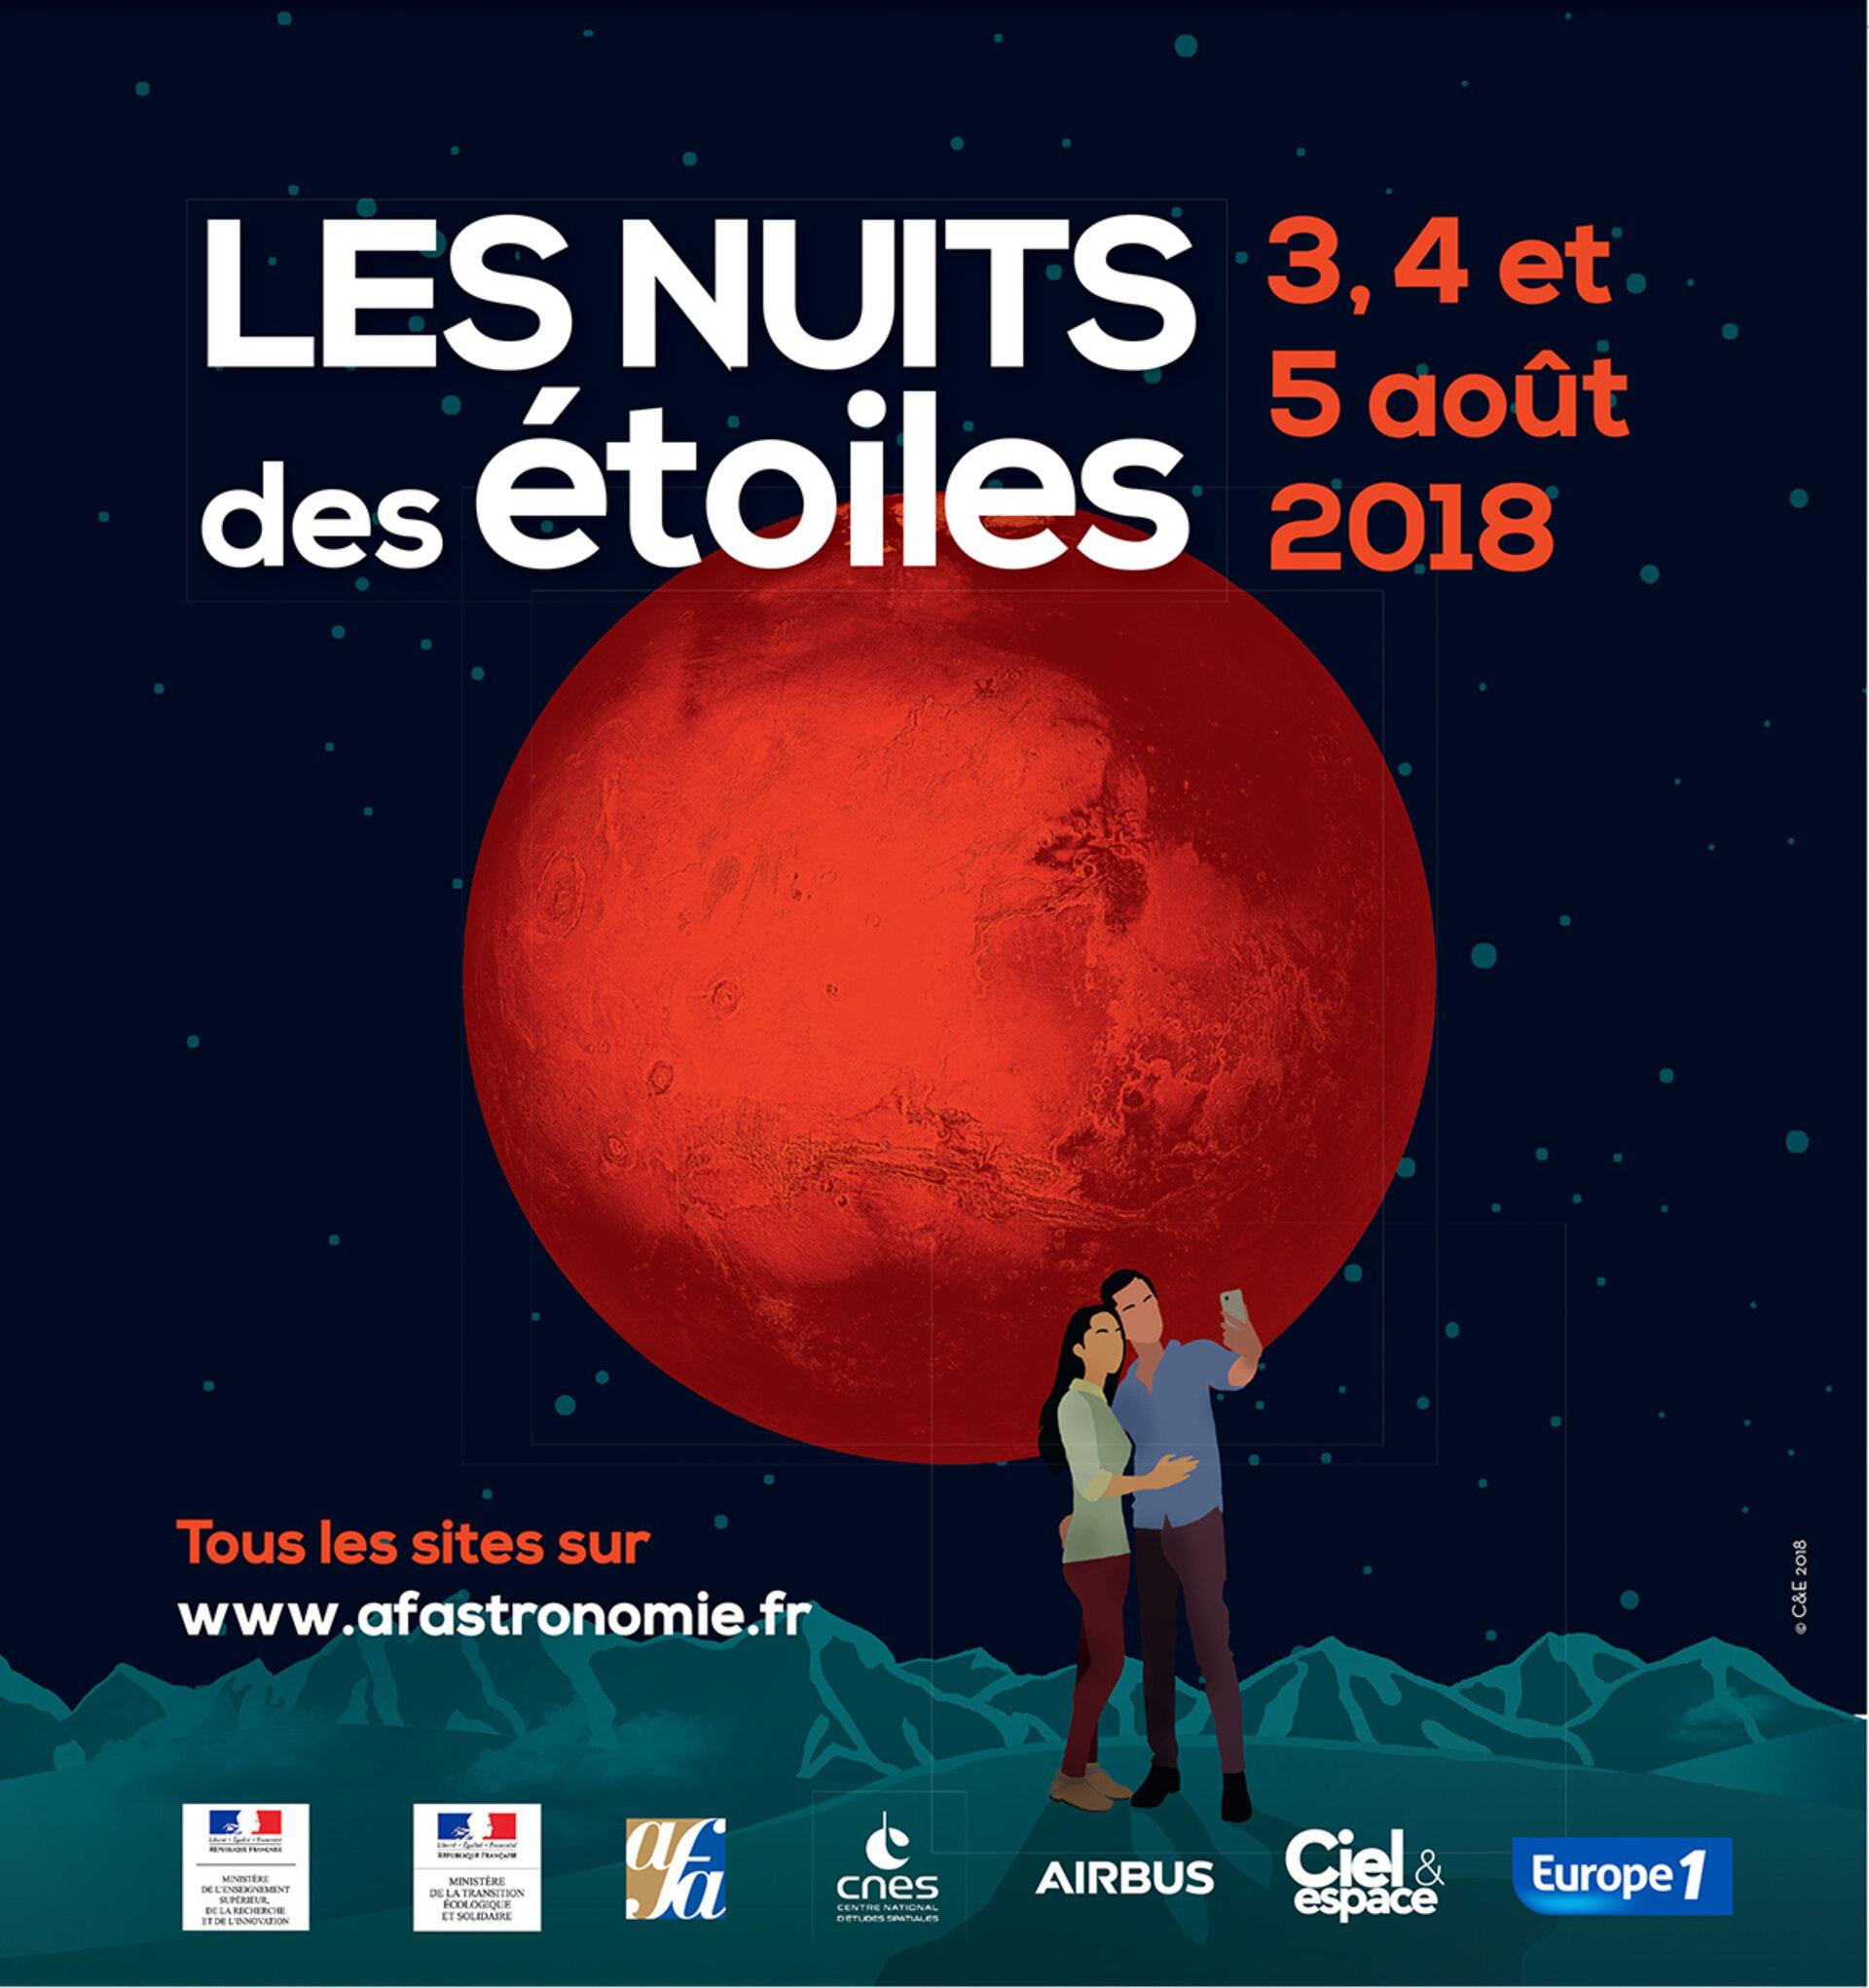 Esa 3 5 Août 2018 Nuits Des étoiles Les Manifestations